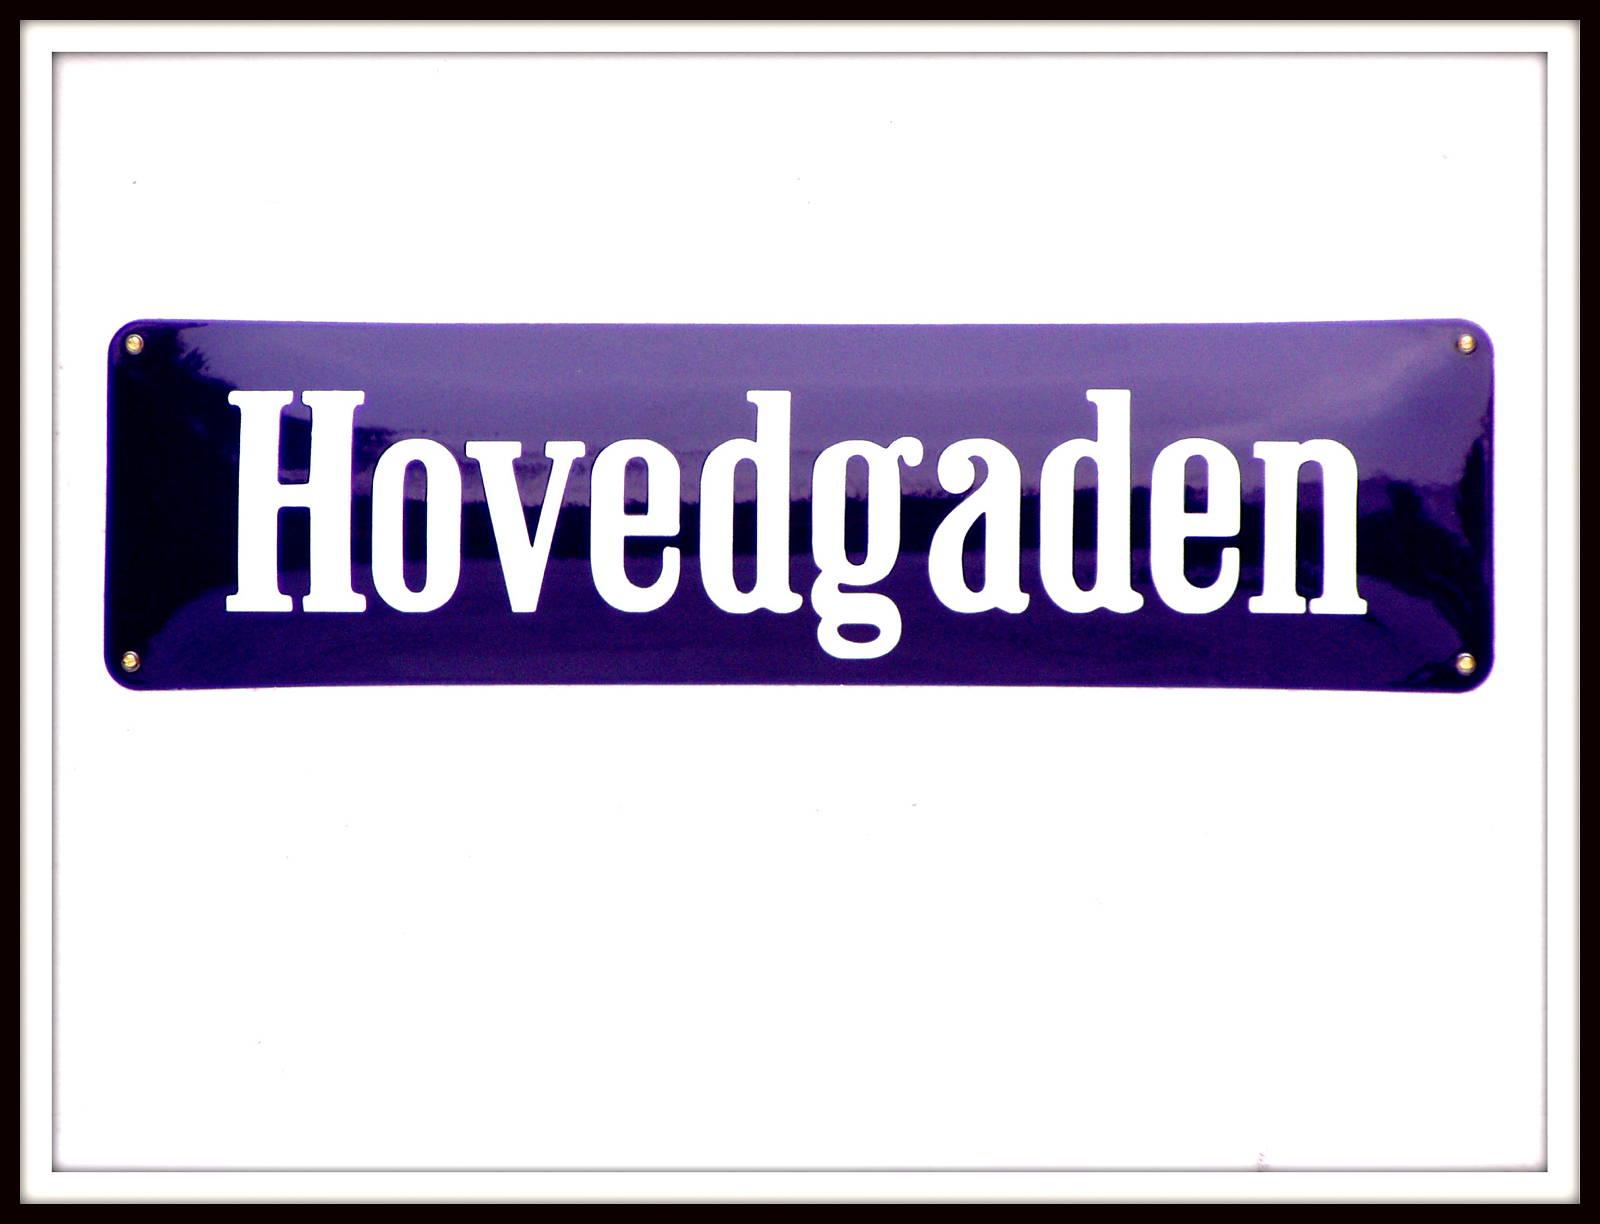 Hovedgaden-web1600